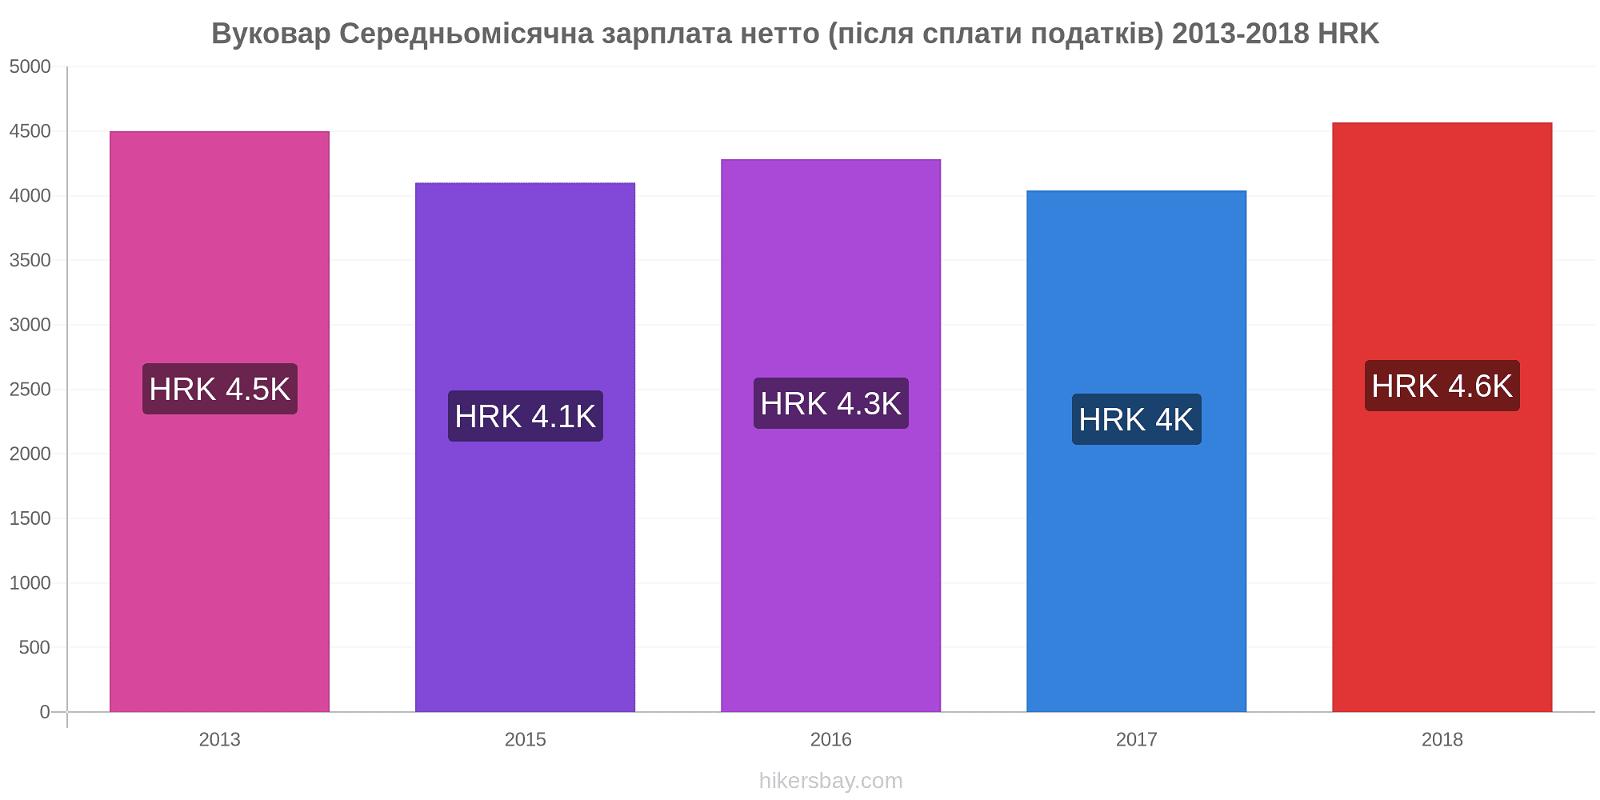 Вуковар зміни цін Середньомісячна зарплата нетто (після сплати податків) hikersbay.com